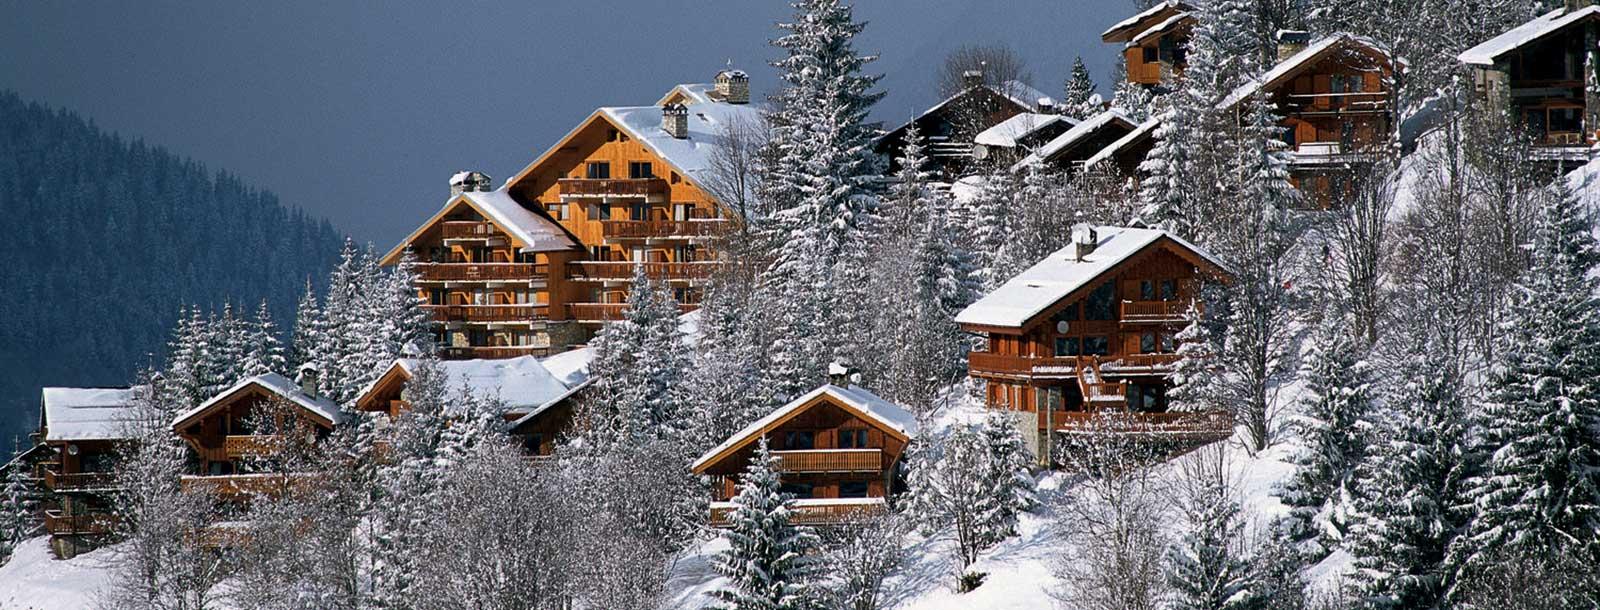 luxury ski chalets meribel luxury chalets meribel